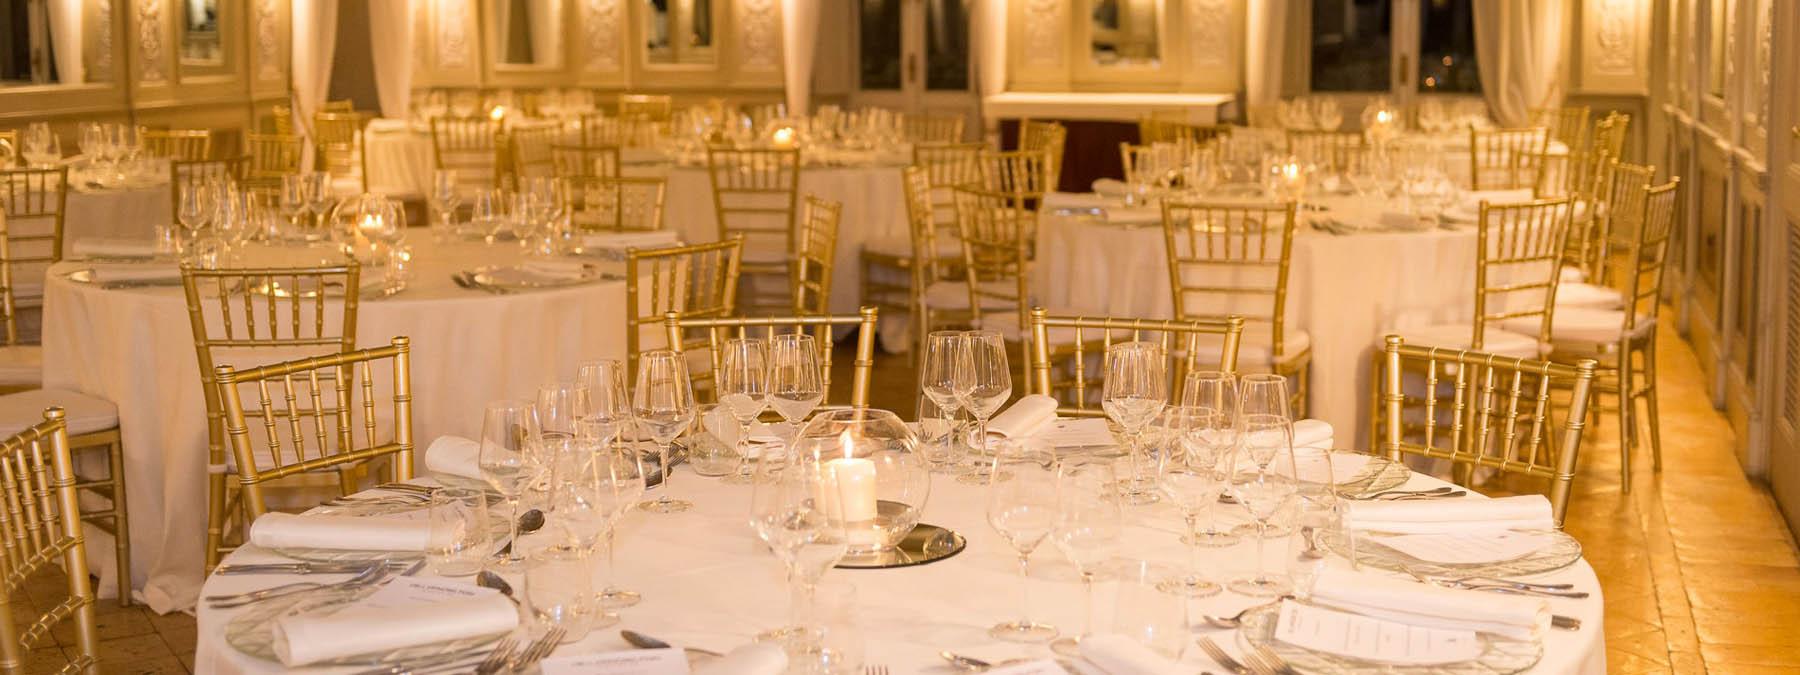 sala per eventi a roma - casina valadier